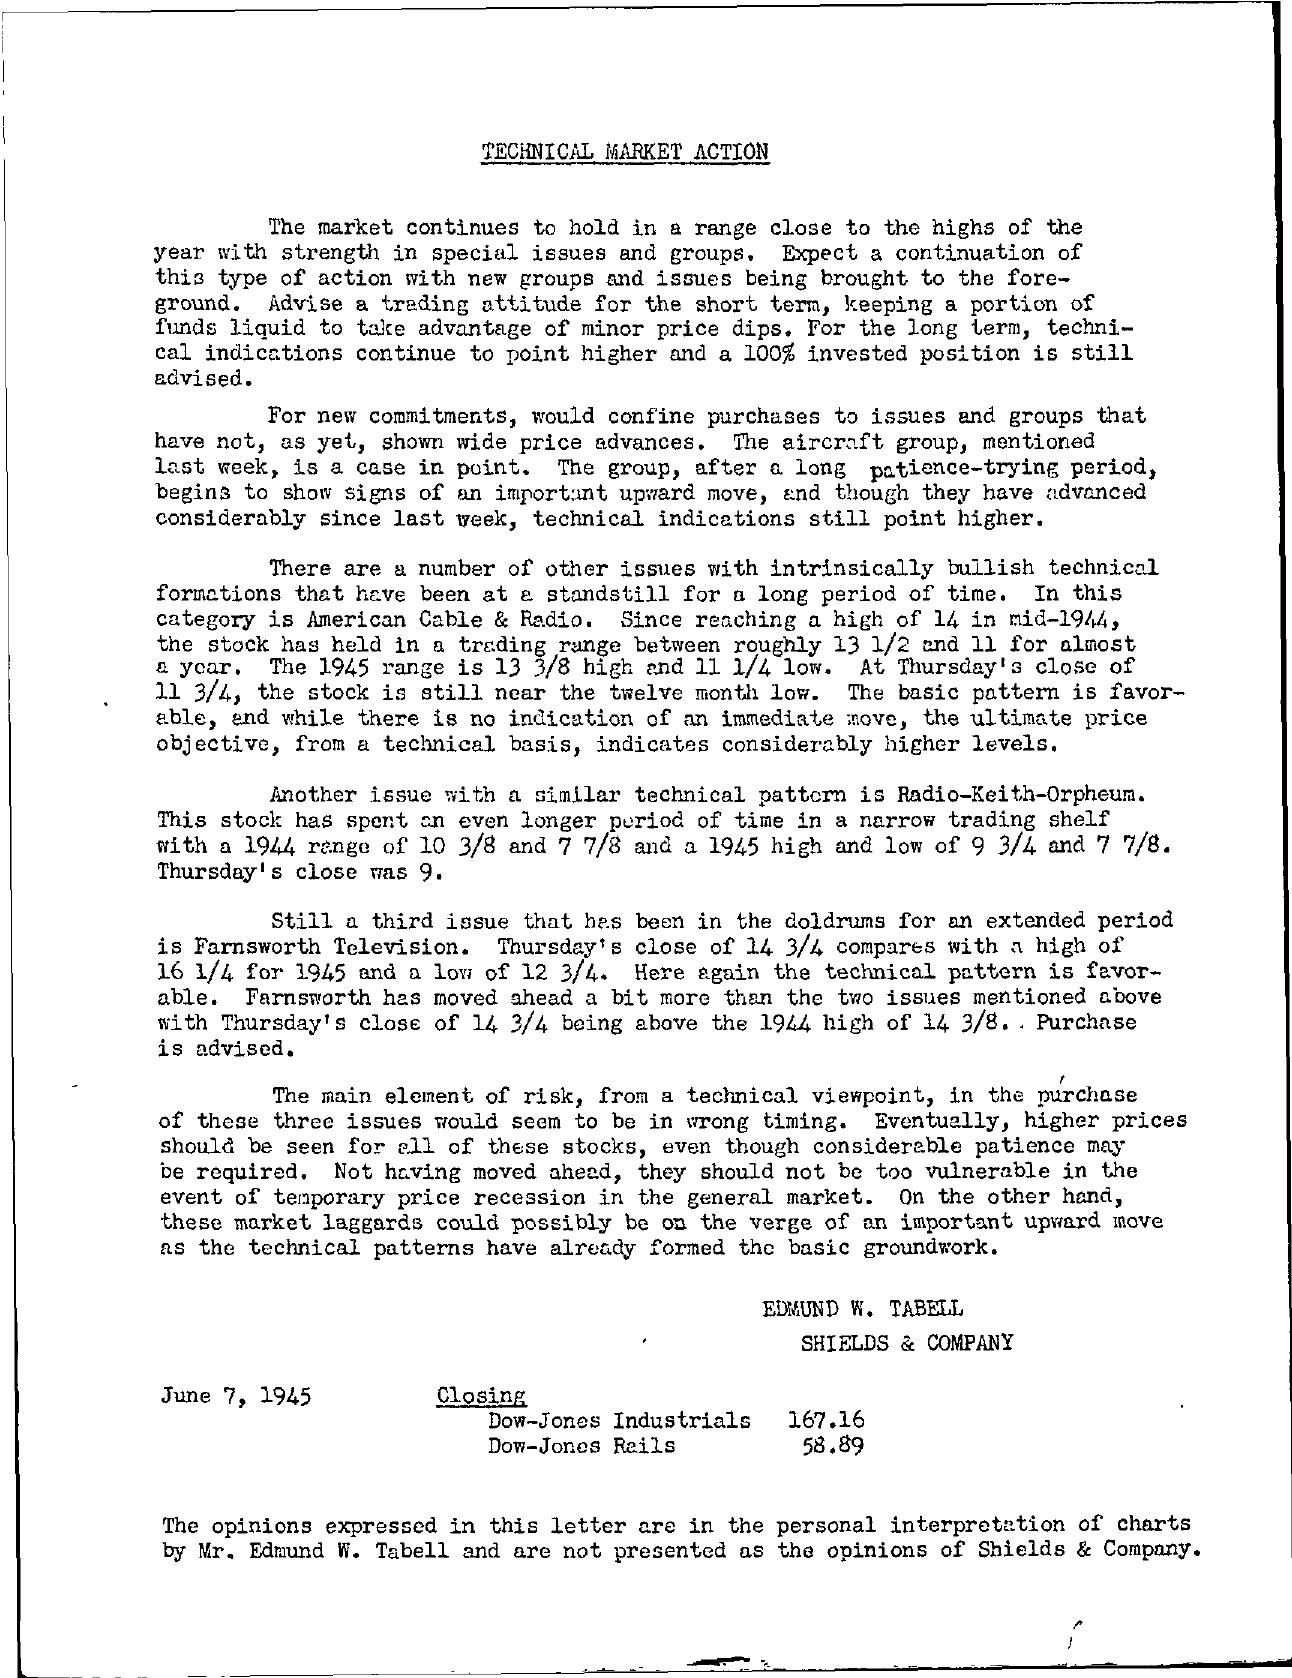 Tabell's Market Letter - June 07, 1945